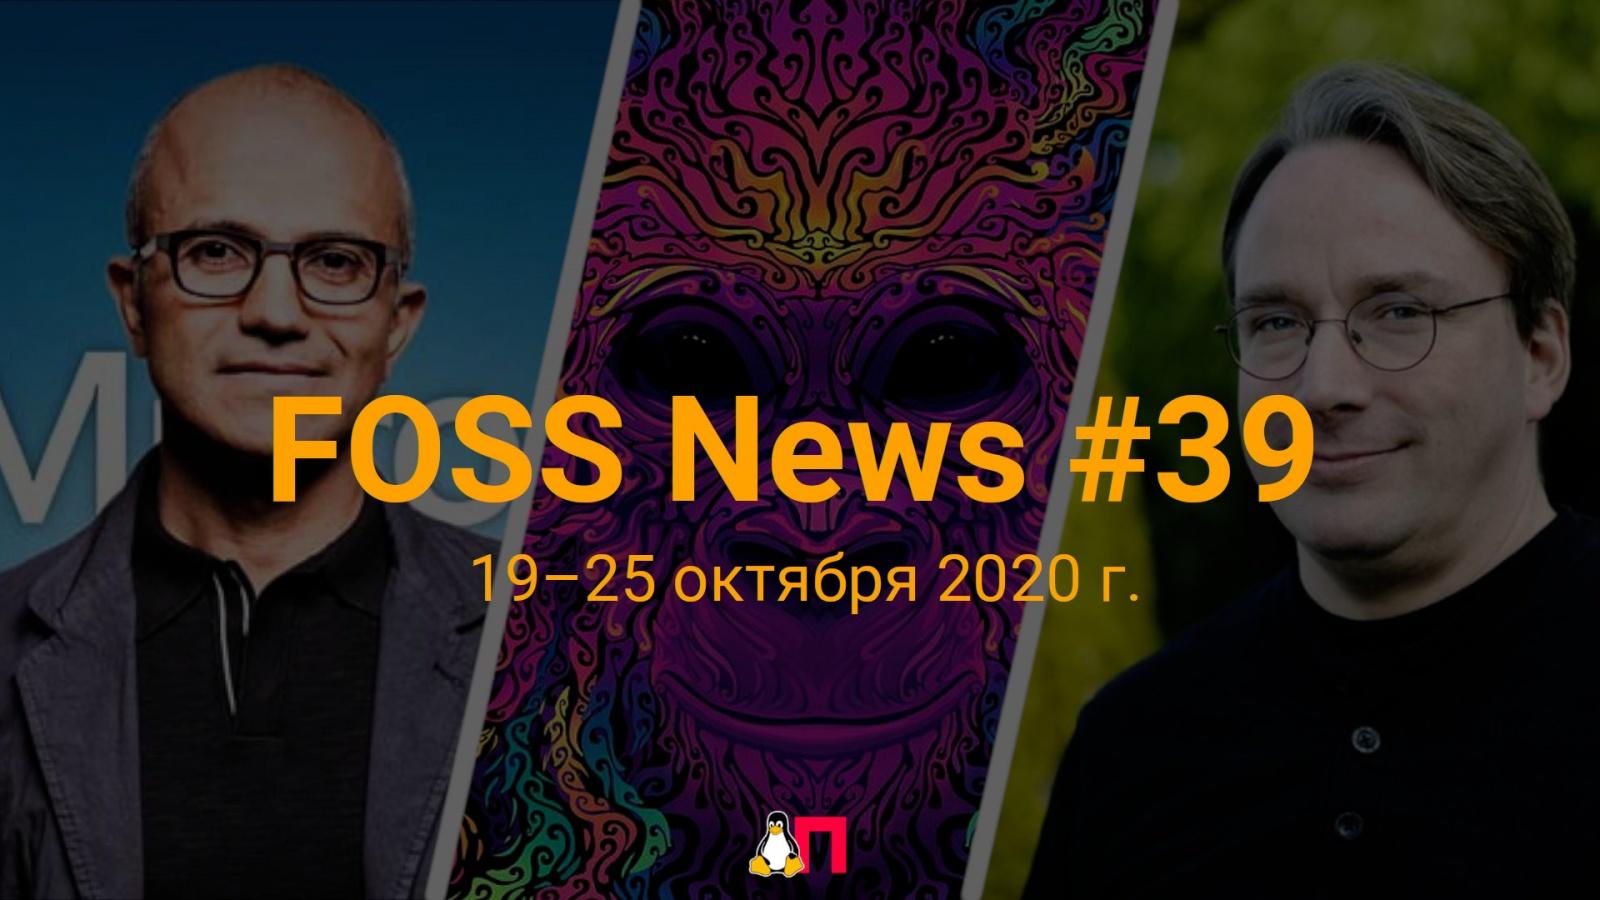 FOSS News №39 – дайджест новостей и других материалов о свободном и открытом ПО за 19–25 октября 2020 года - 1